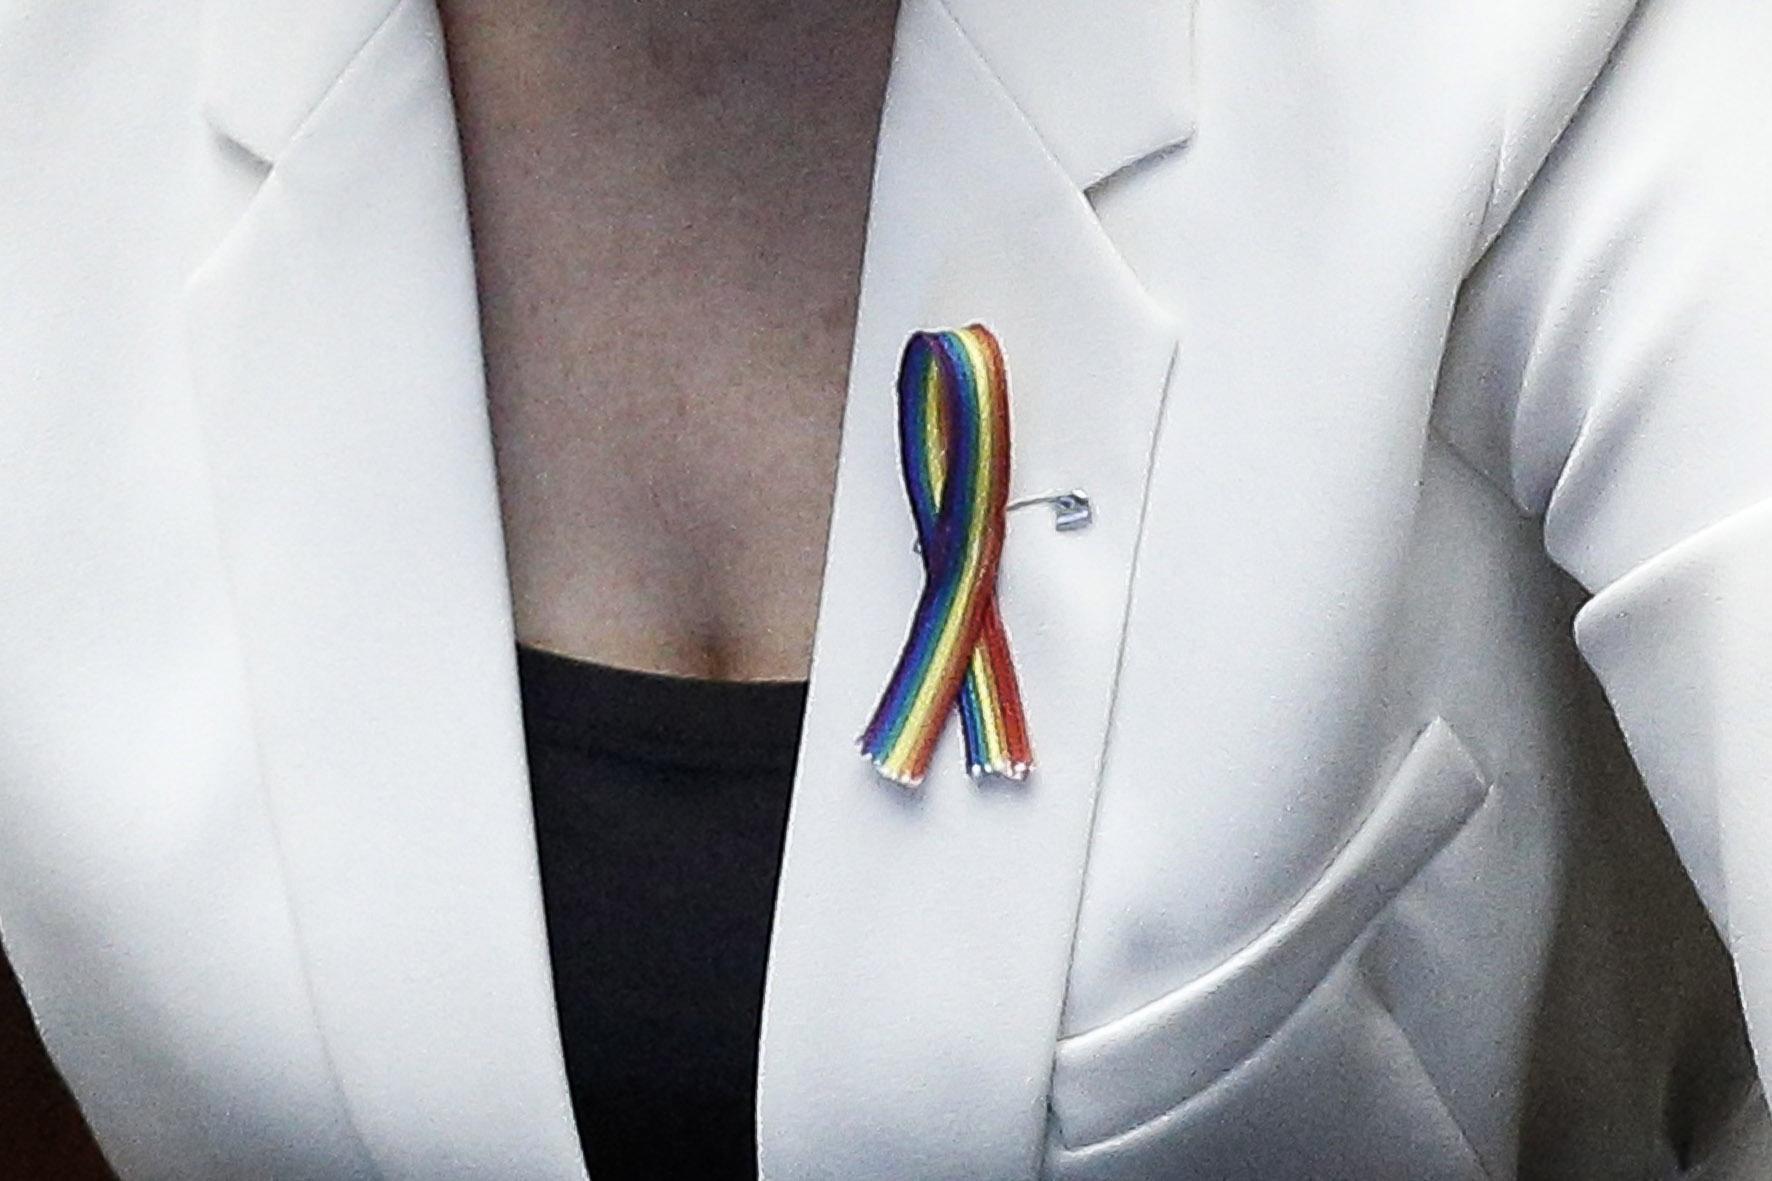 Unioni Civili, Maria Elena Boschi festeggia con spilla arcobaleno